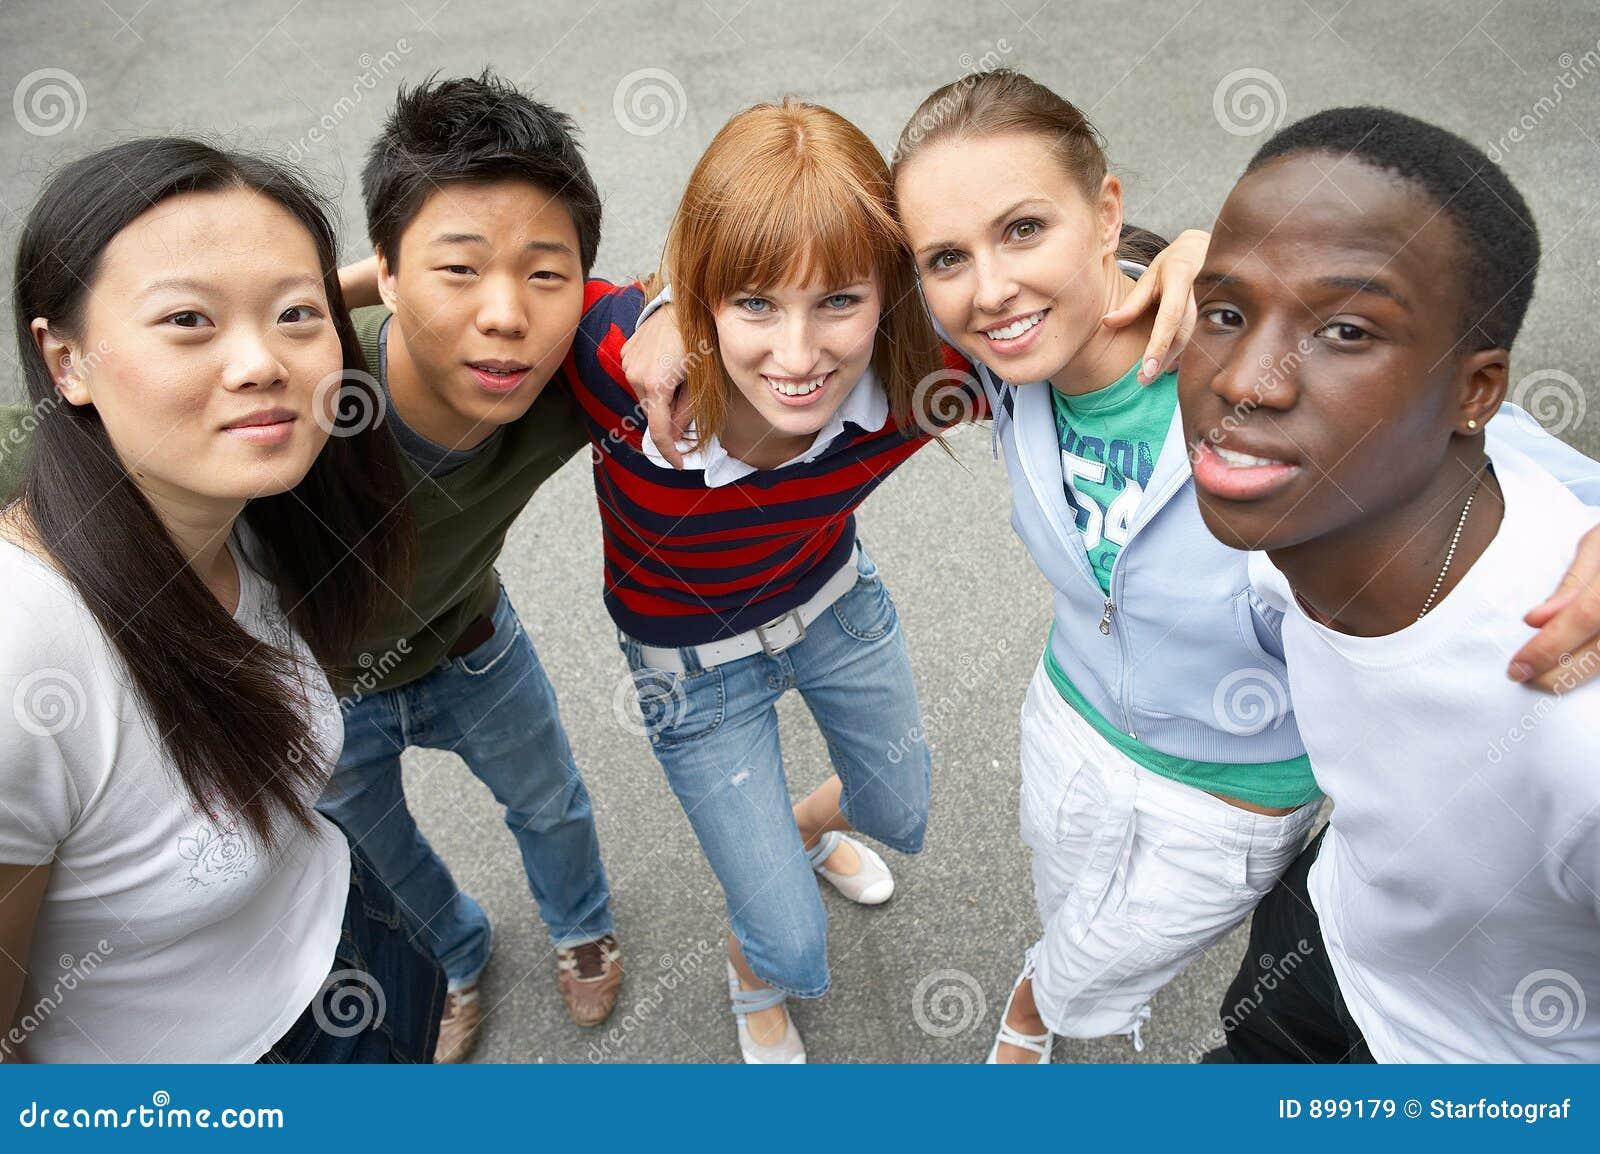 Paczka wielokulturowej pięciu przyjaciół